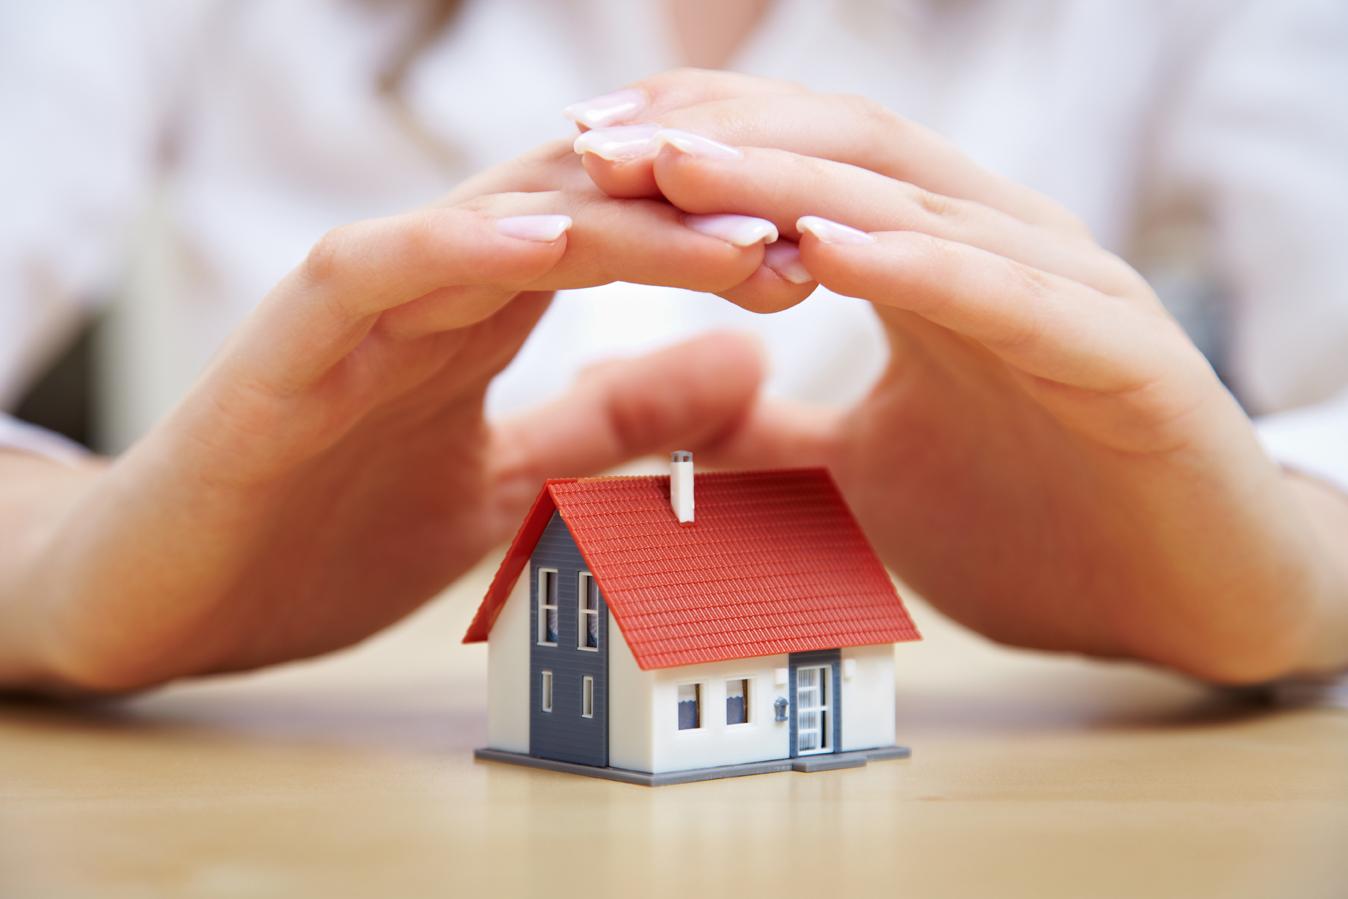 assurance pret immobilier que couvre t elle